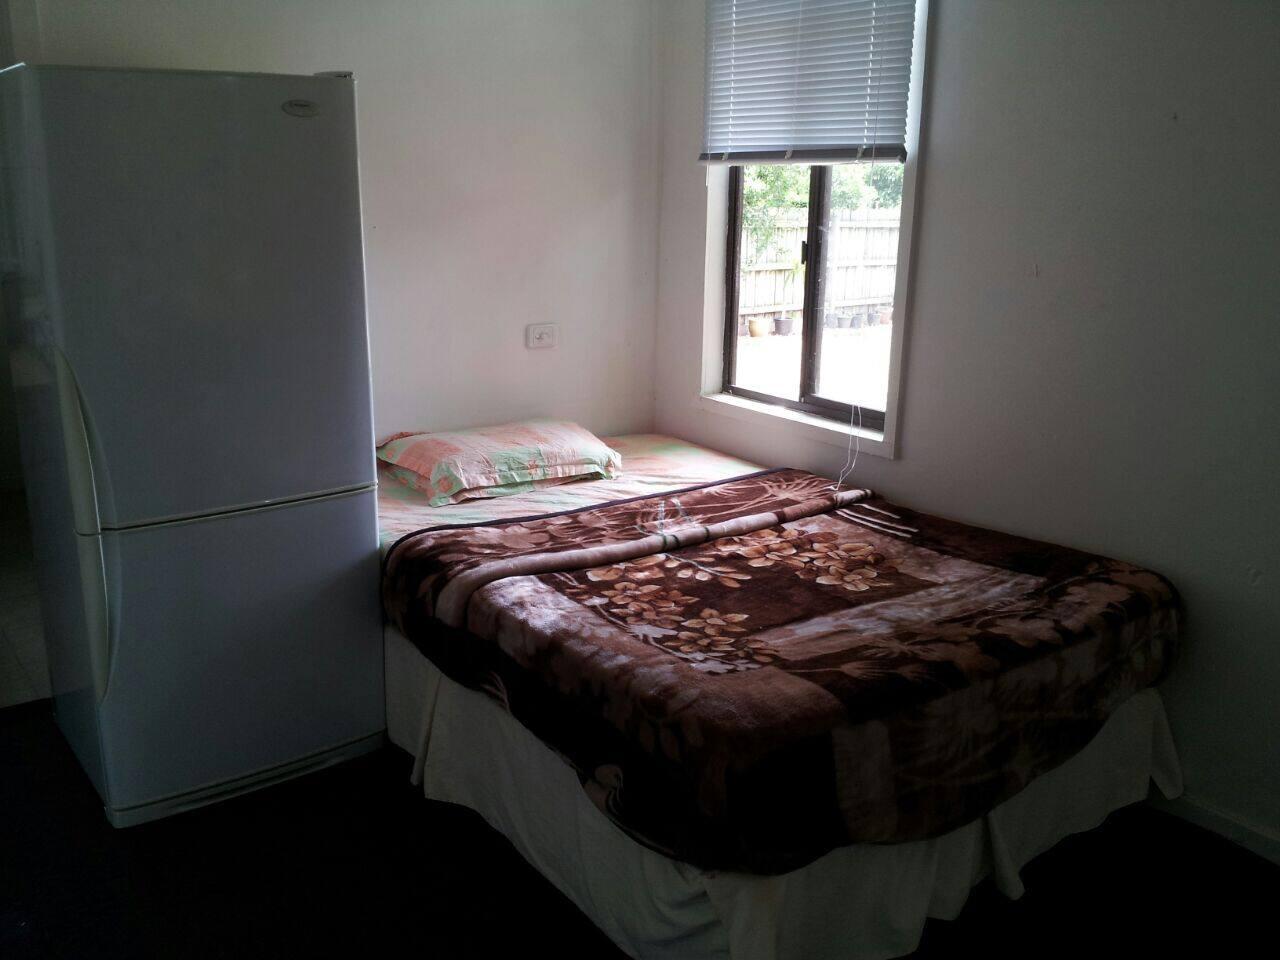 Bedroom having fridge as well